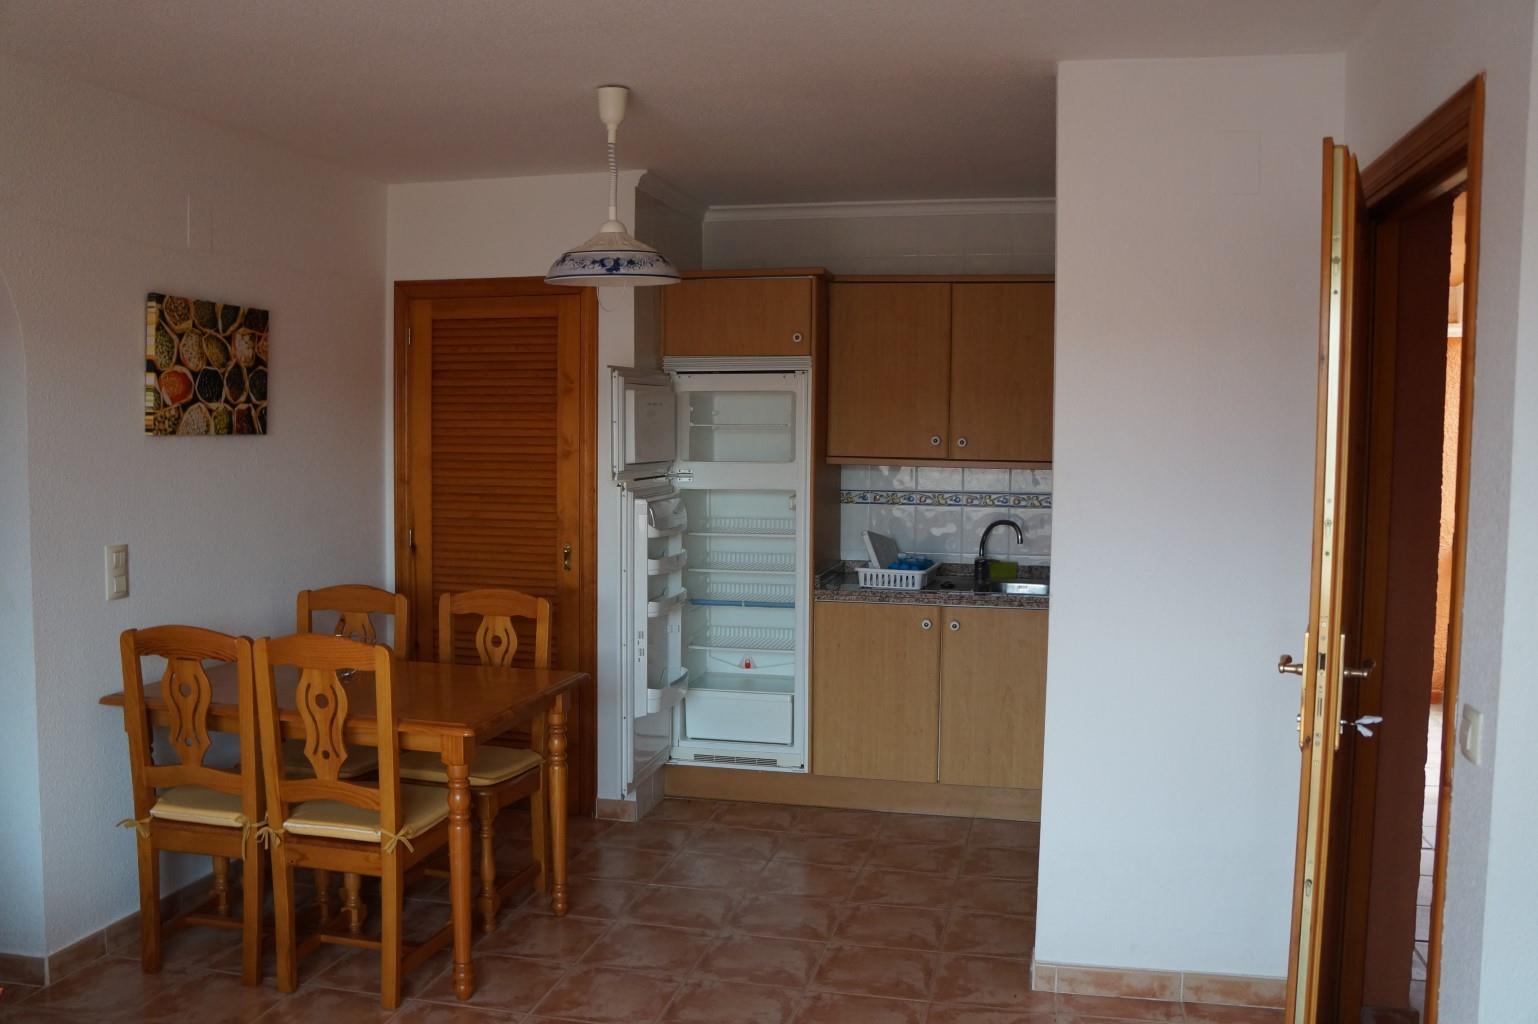 Appartement - Benitachell - #2183105-4